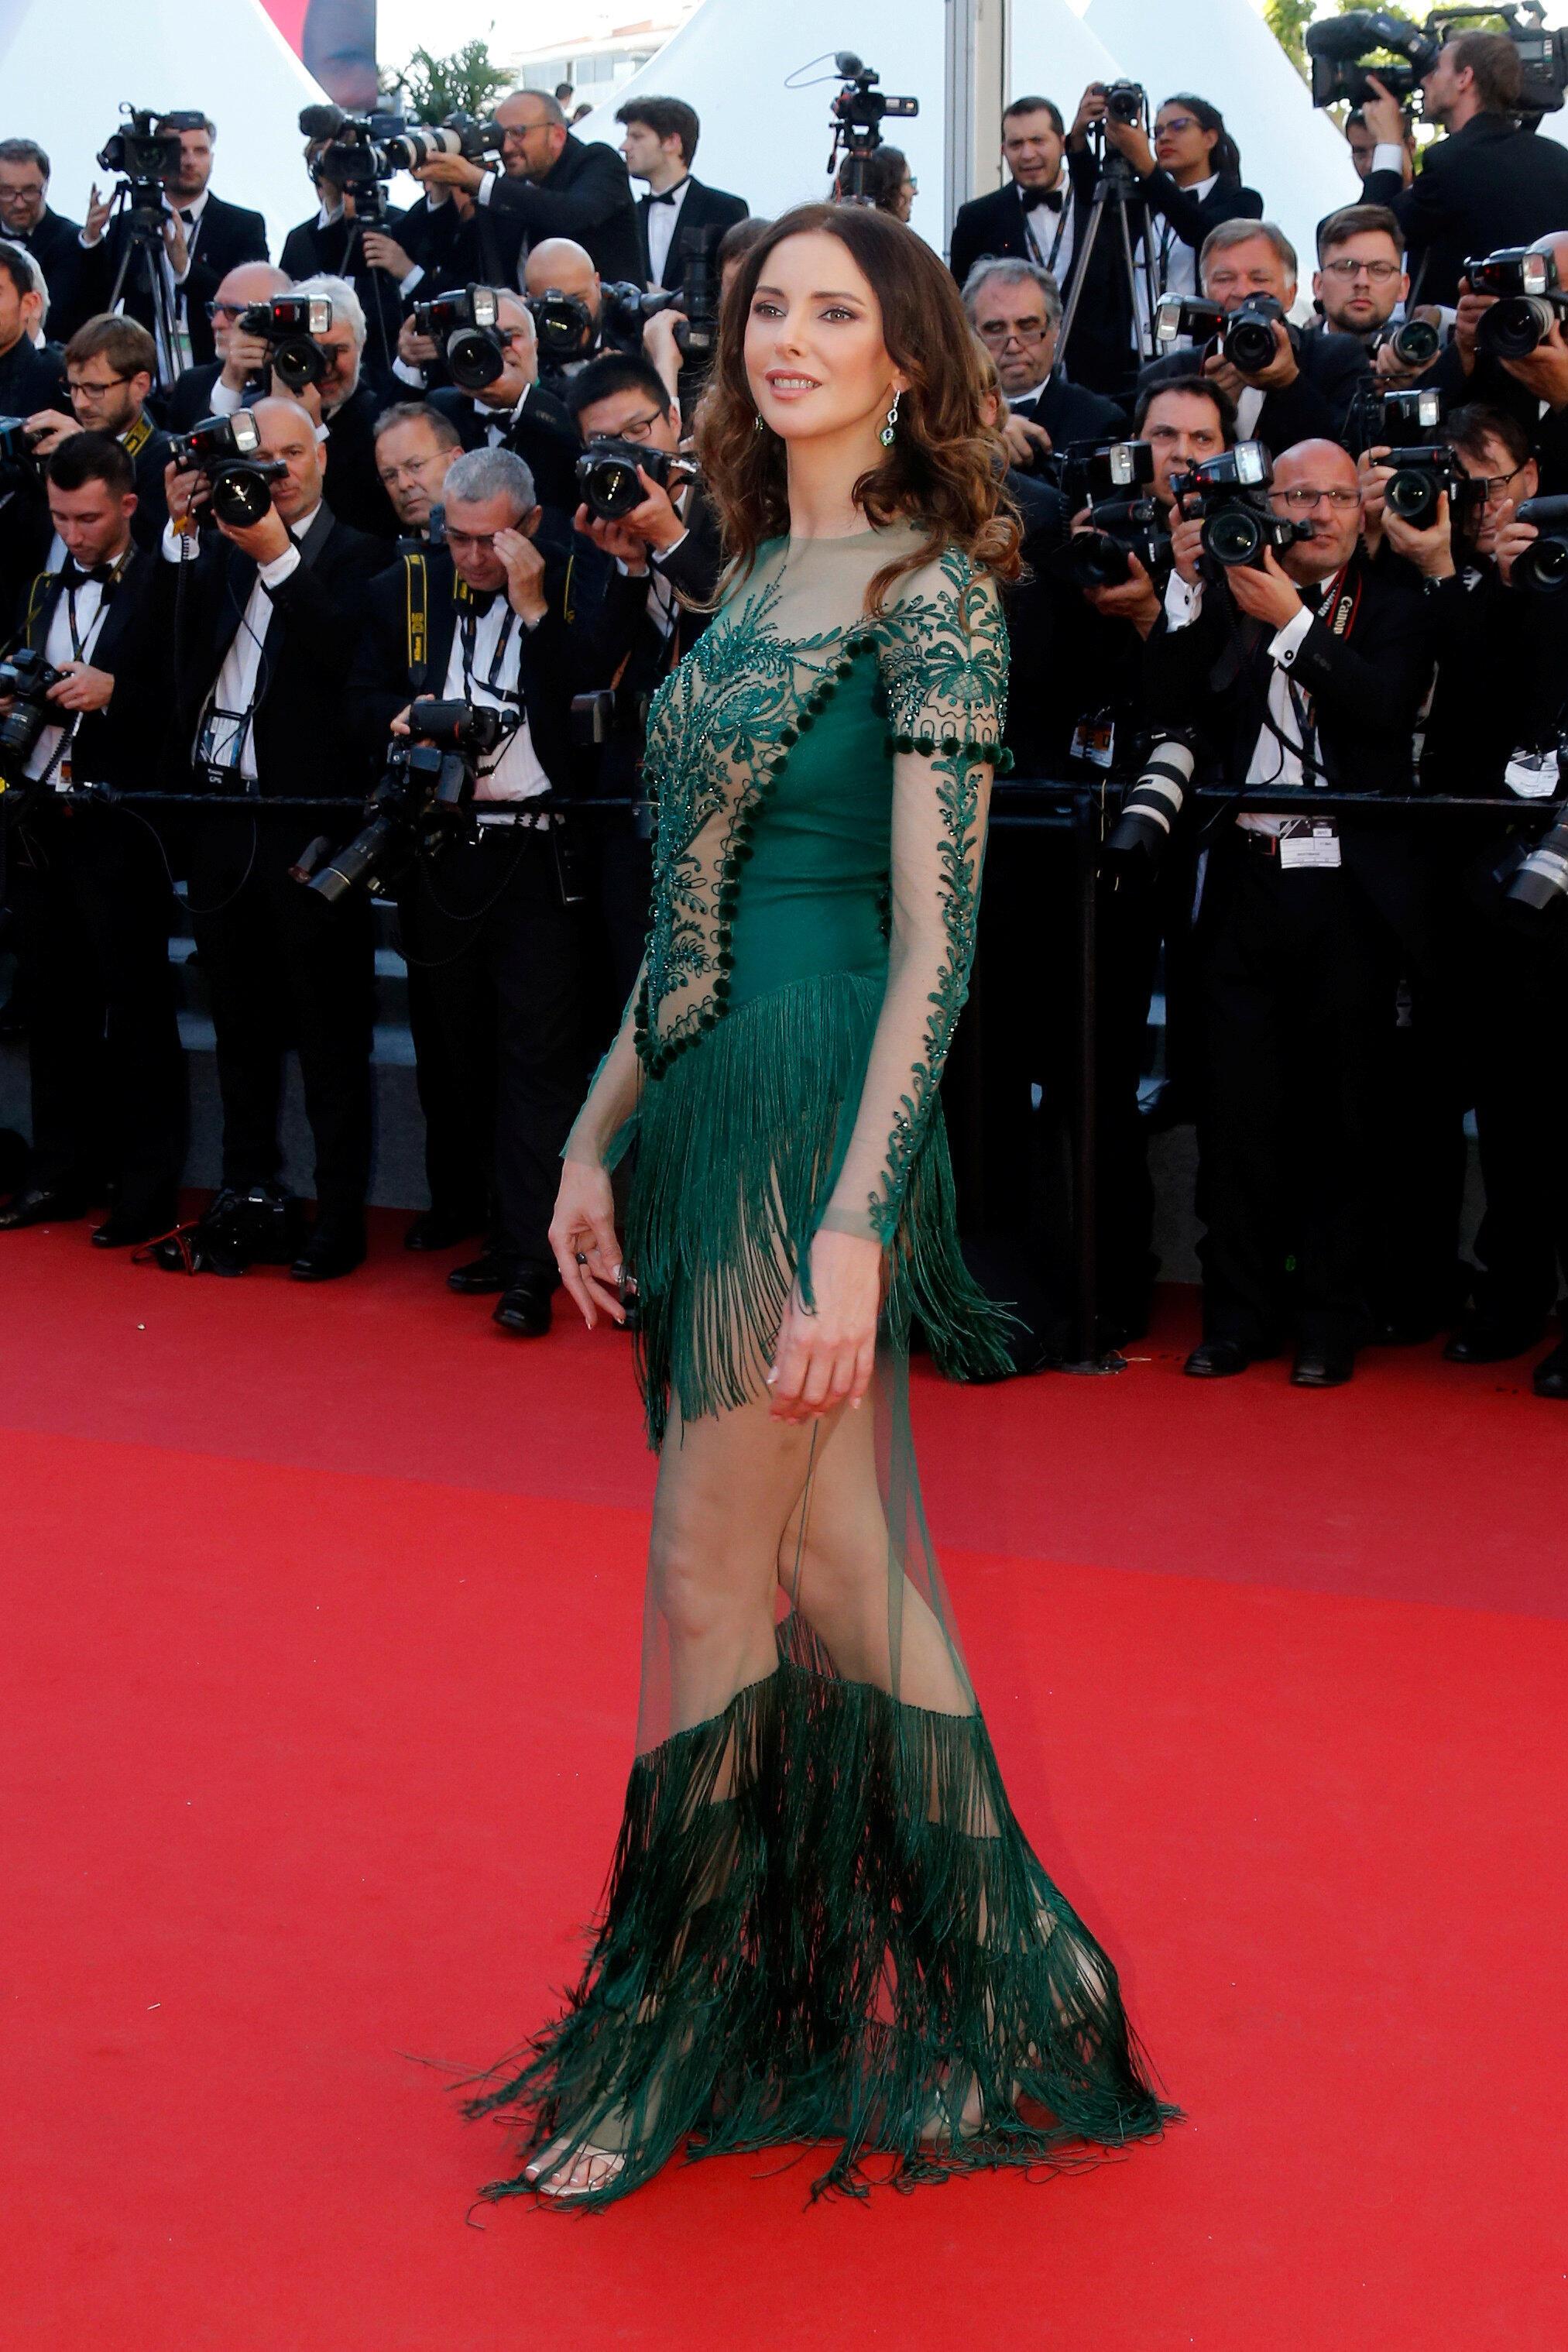 Самые затейливые платья каждый год у француженки Фредерик Бель